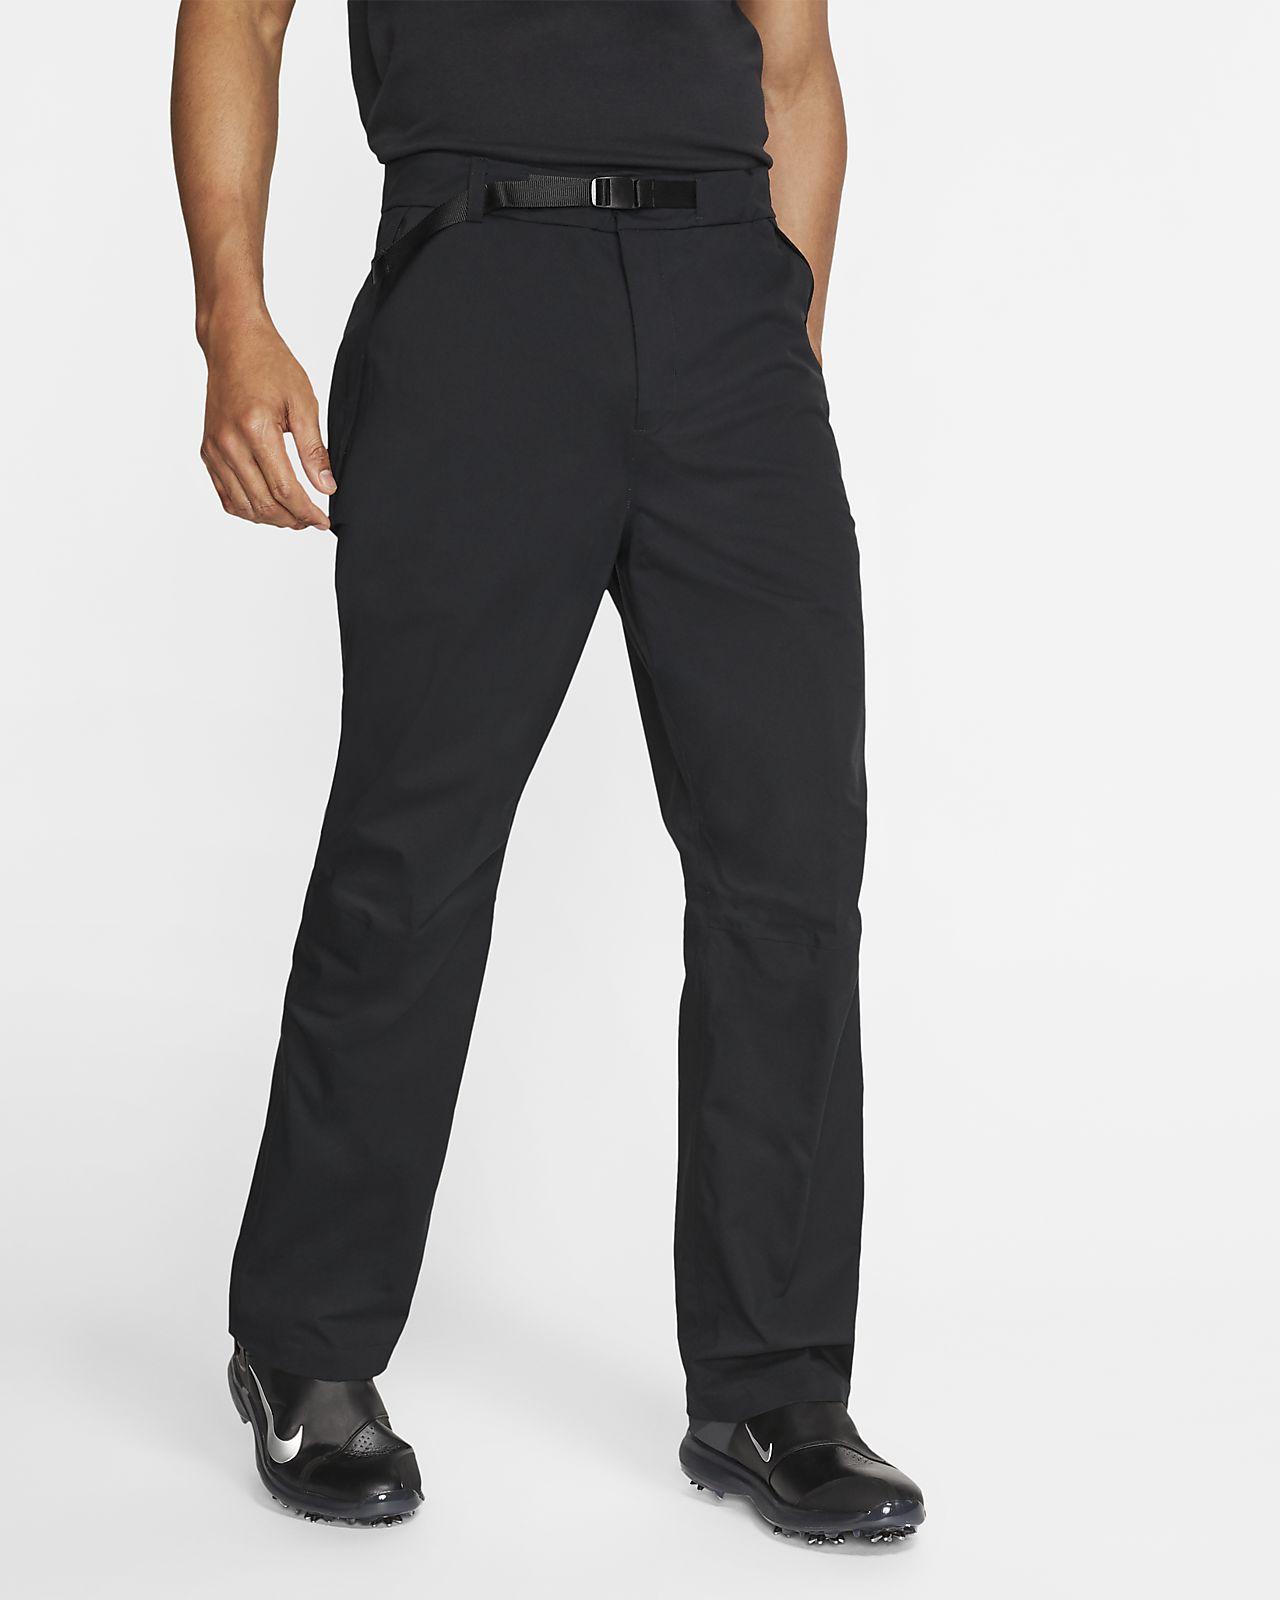 Pánské golfové kalhoty Nike HyperShield